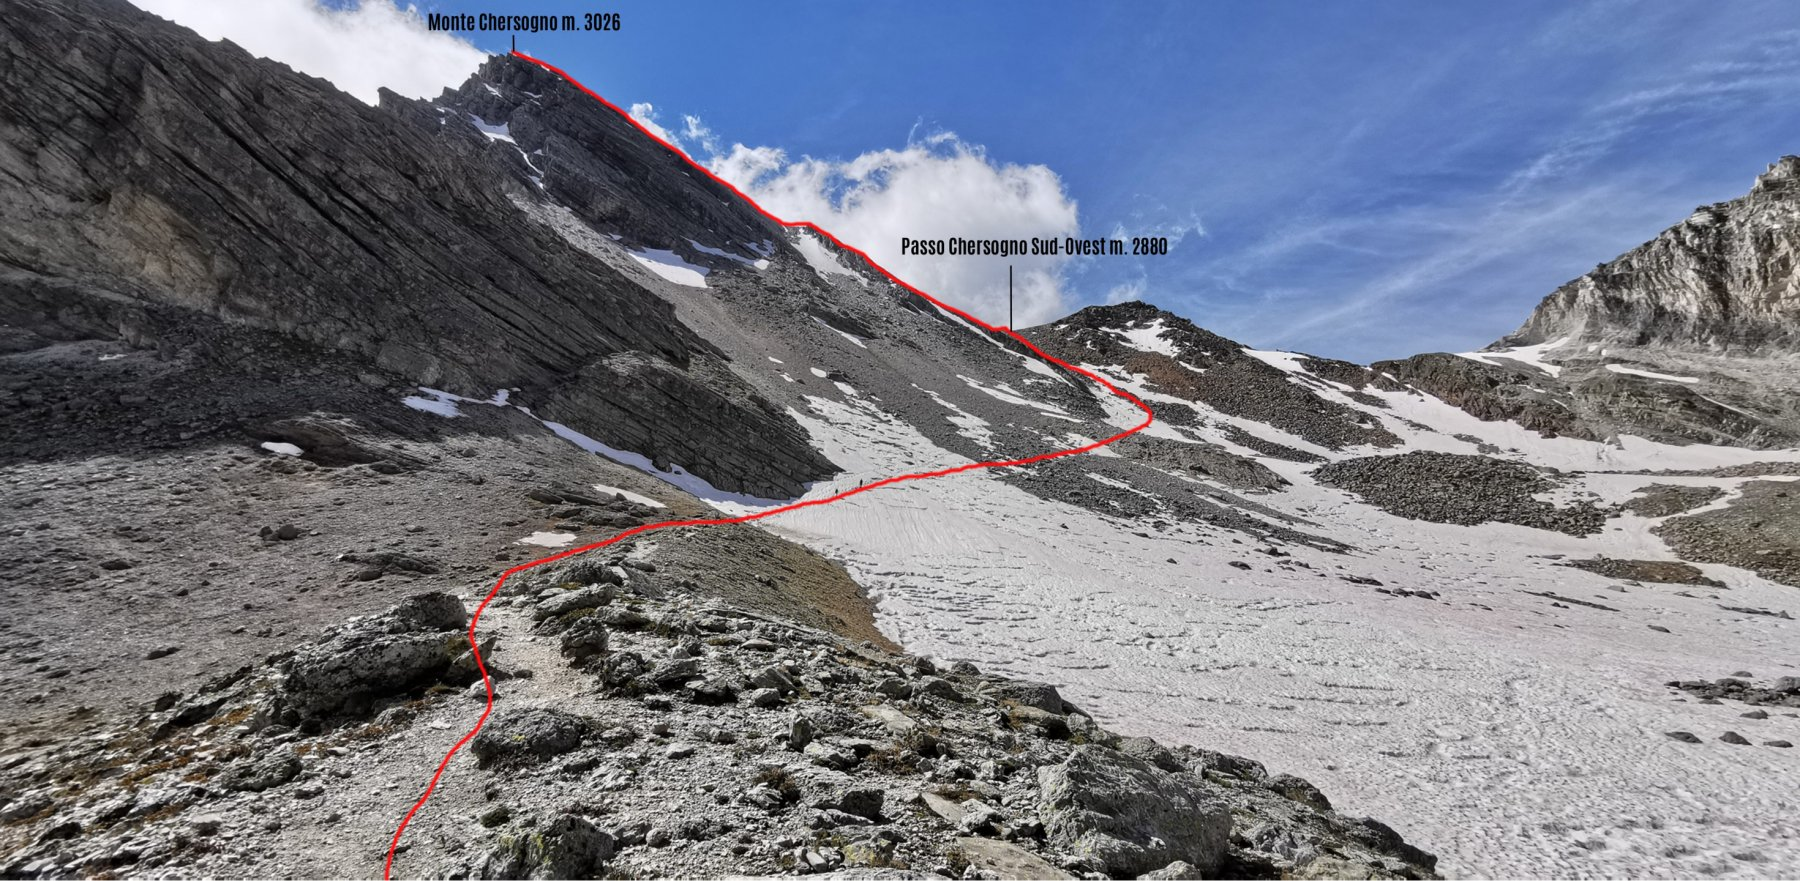 avvicinandosi al Monte Chersogno, itinerario di salita